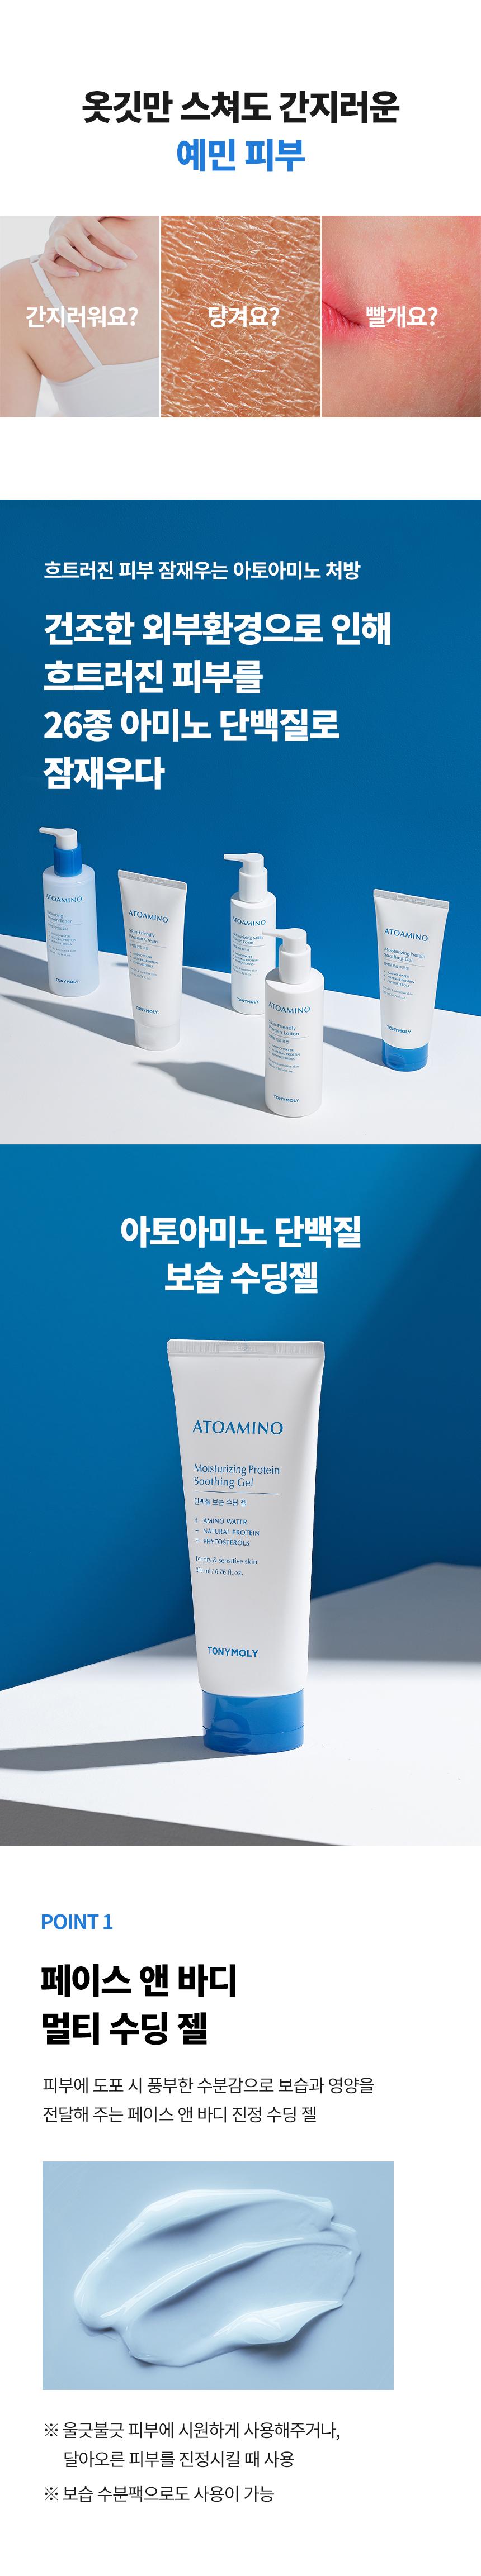 아토아미노 단백질 수딩 젤